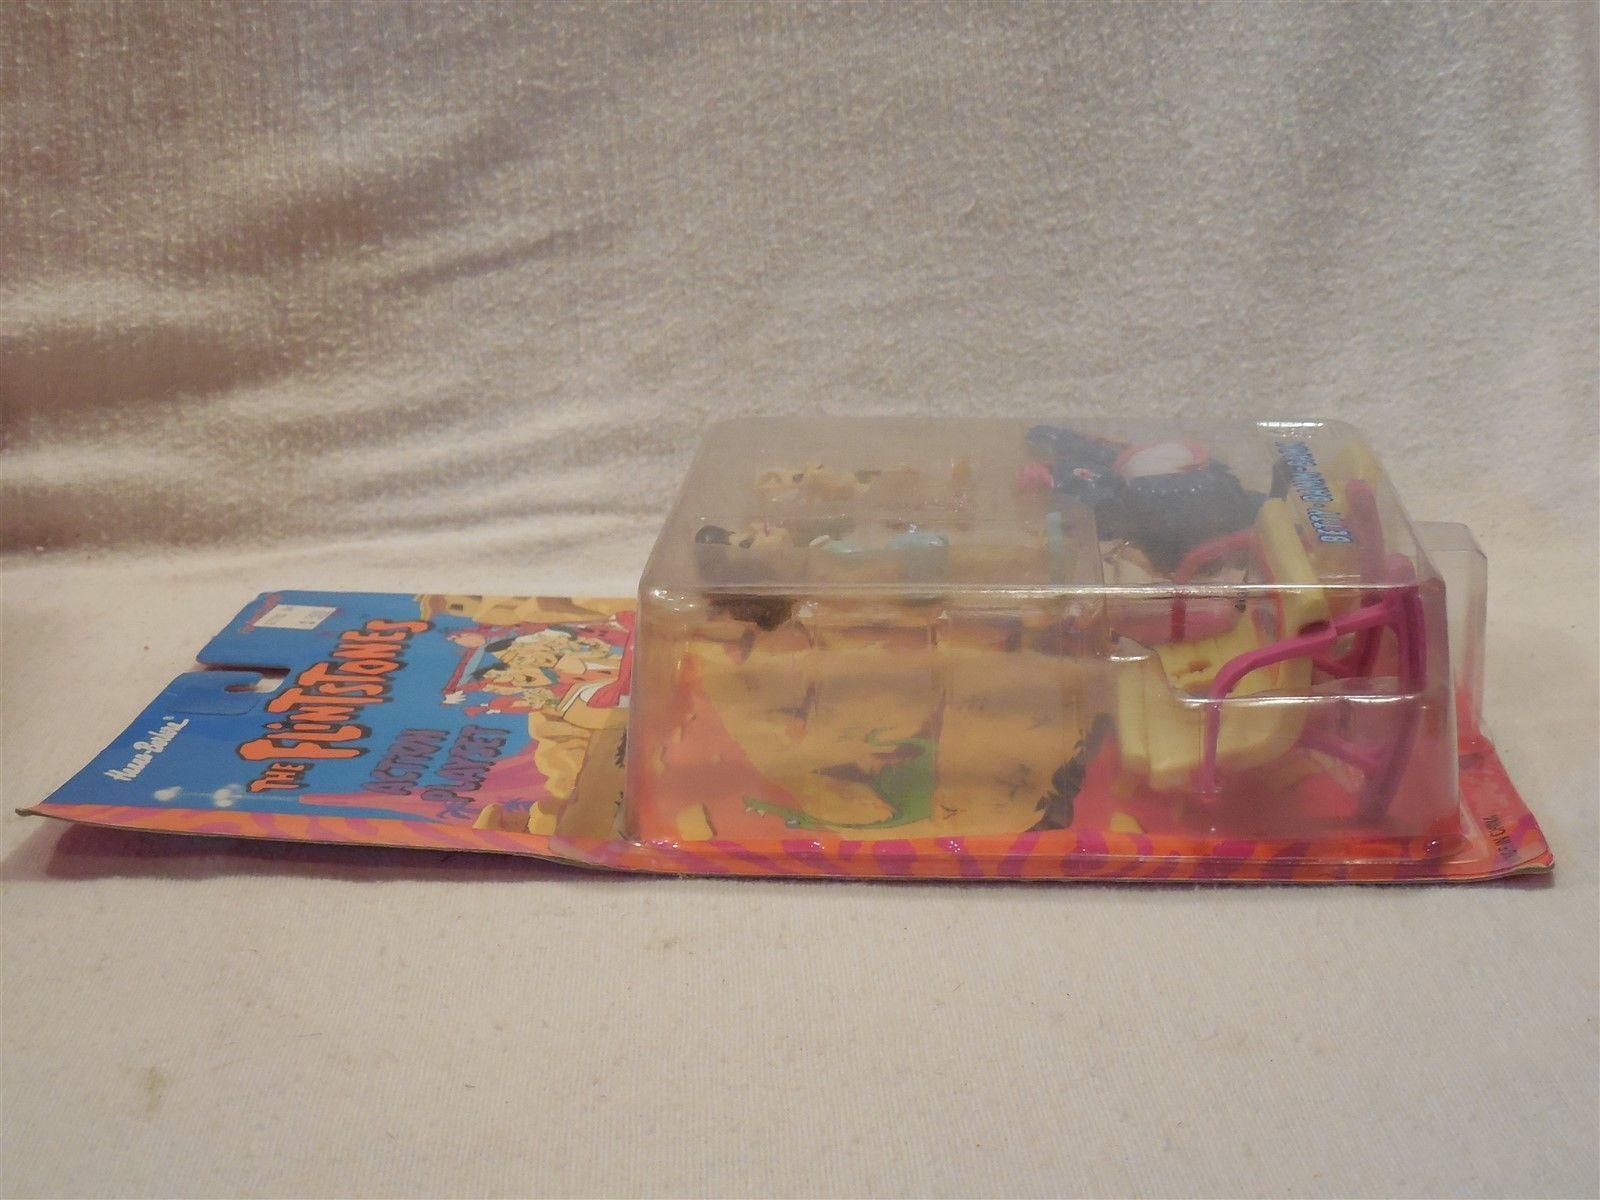 Flintstones 1993 Boley Action Playset - Betty & Bamm-Bamm Rubble MIP #1